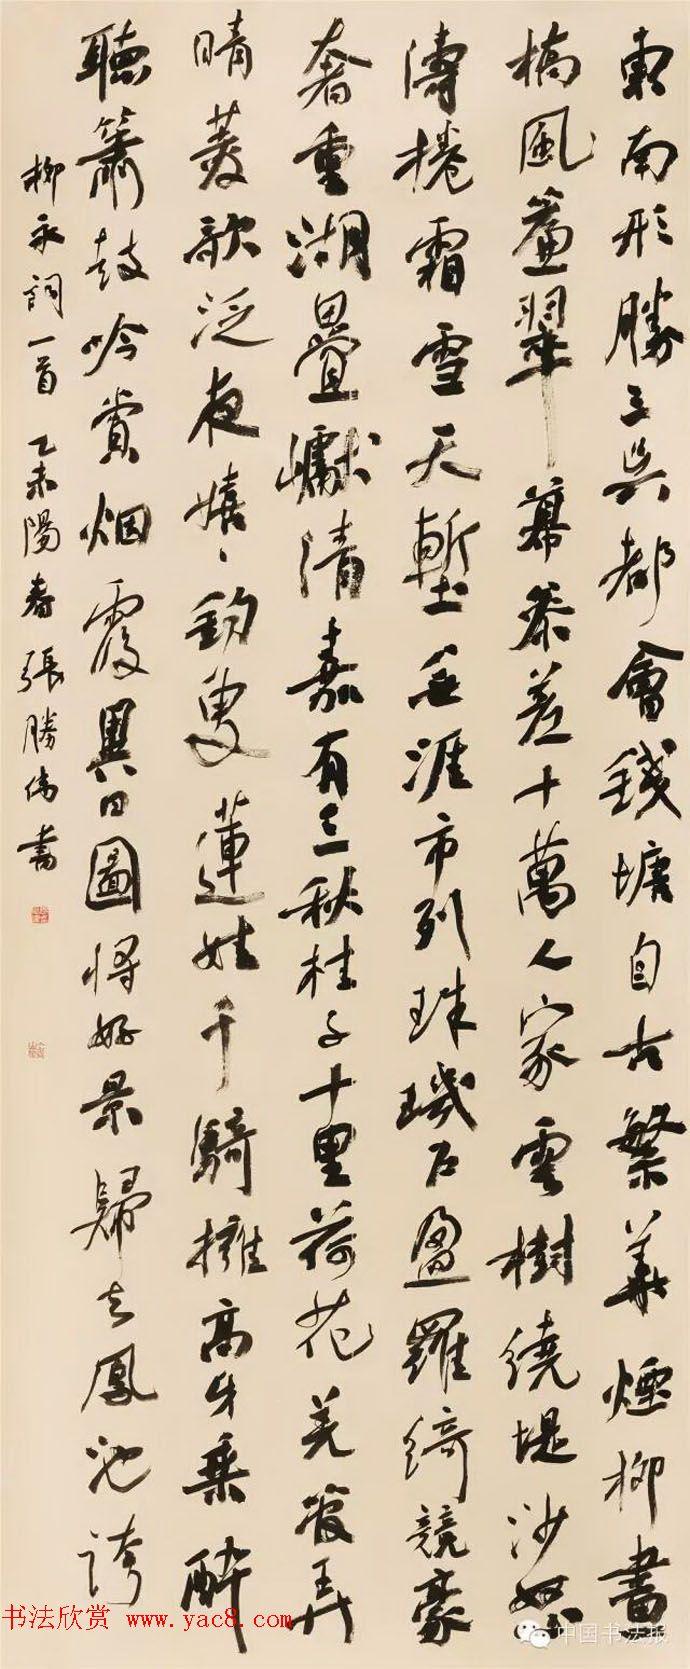 全国第十一届书法篆刻作品展获奖作品欣赏